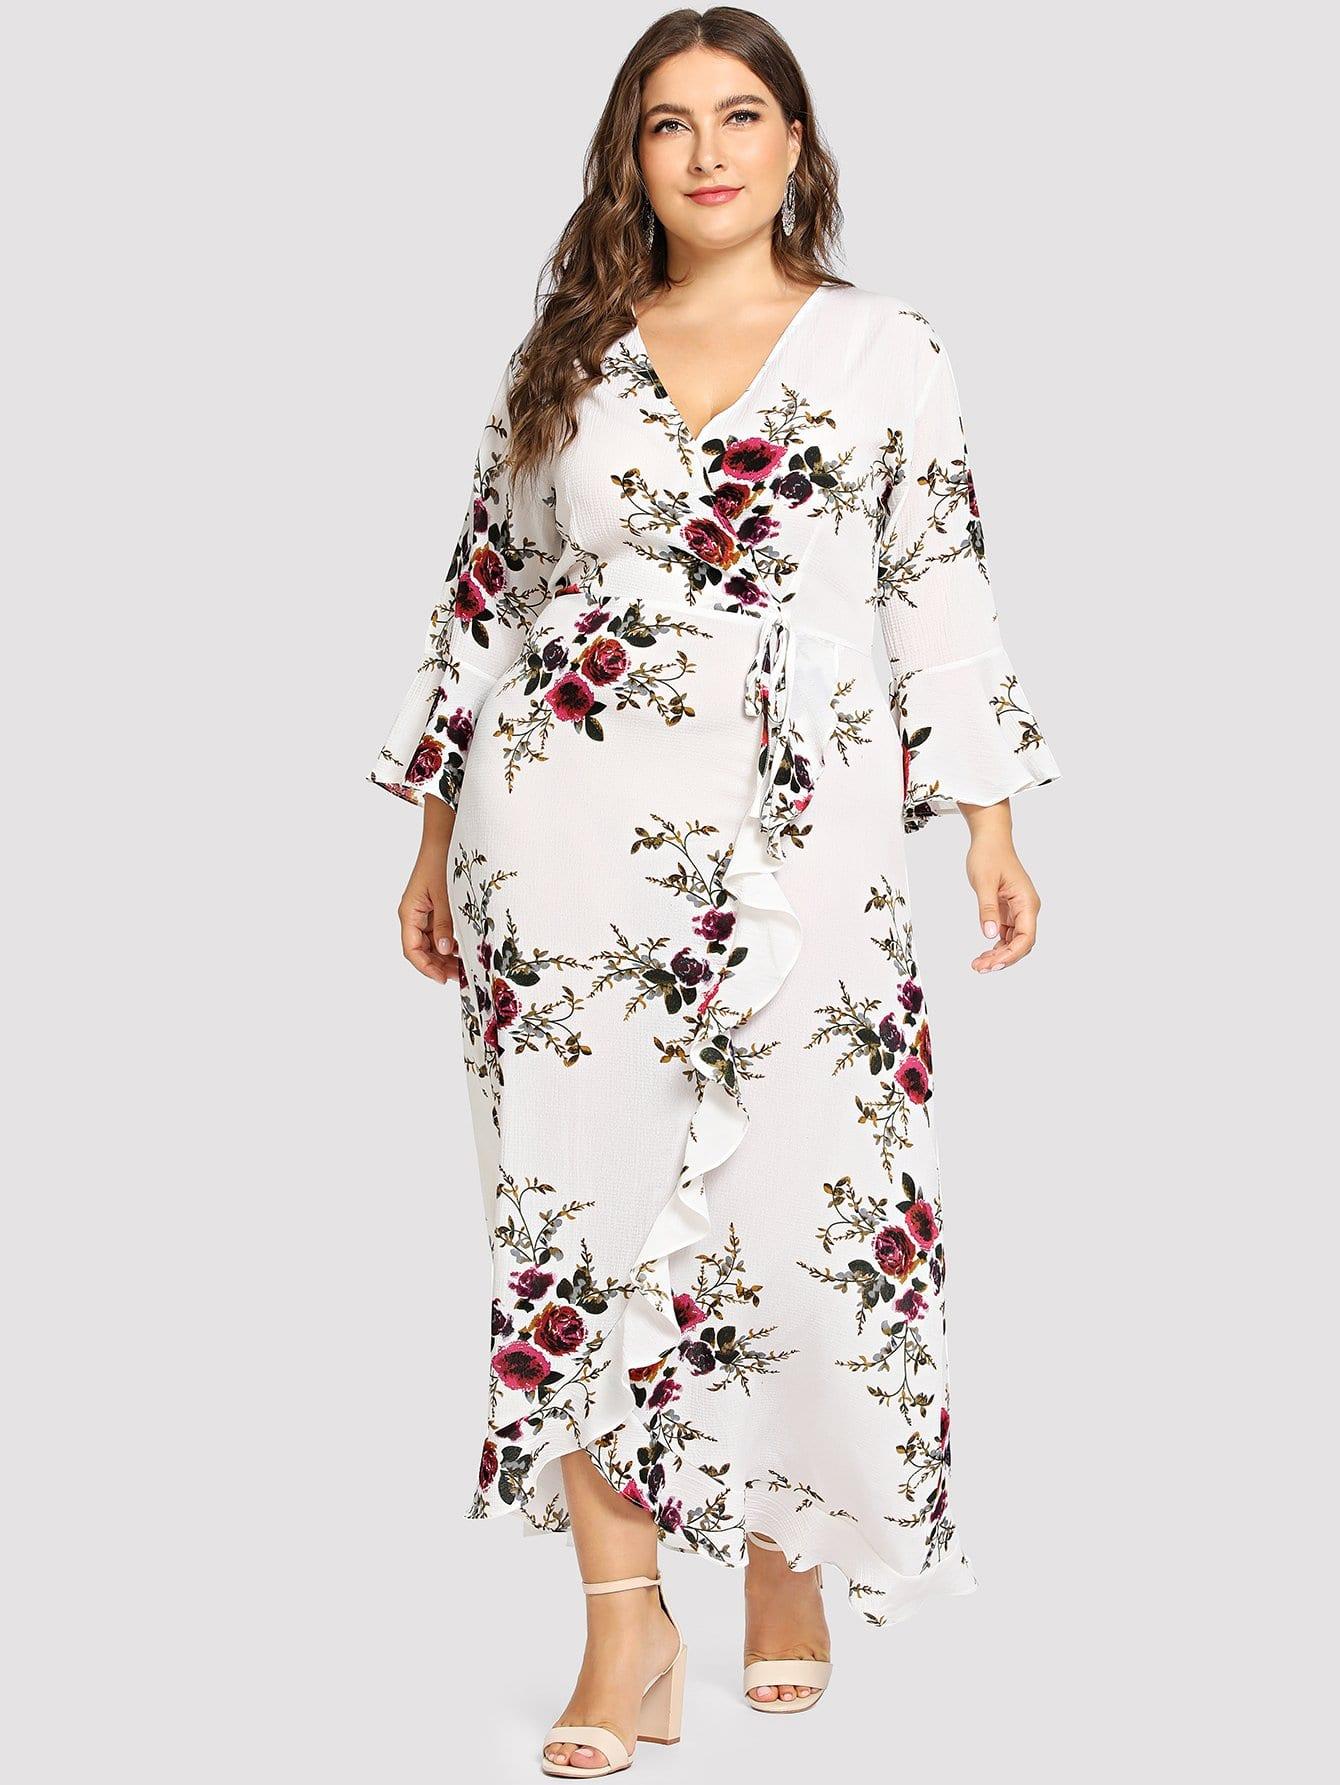 Купить Ситцевое облегающое платье с украшением банта и с розеткой, Franziska, SheIn